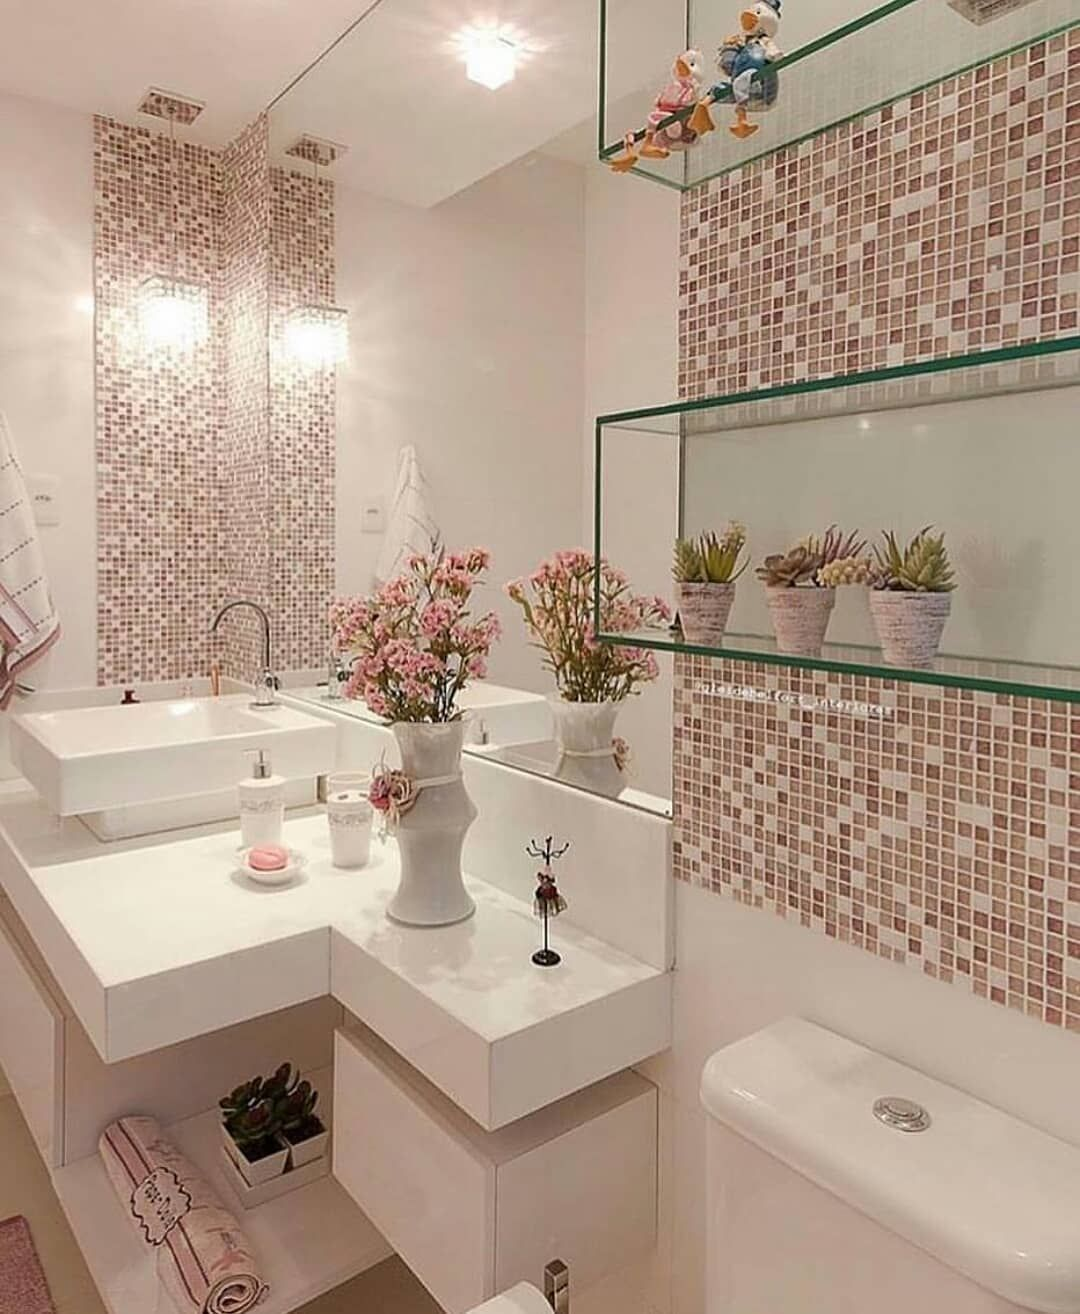 Ideal Home Folgen Sie Uns Plz Ideal Home Von Unbekannt Decor Floralarrangem Badezimmer Innenausstattung Haus Design Plane Weisse Badezimmer